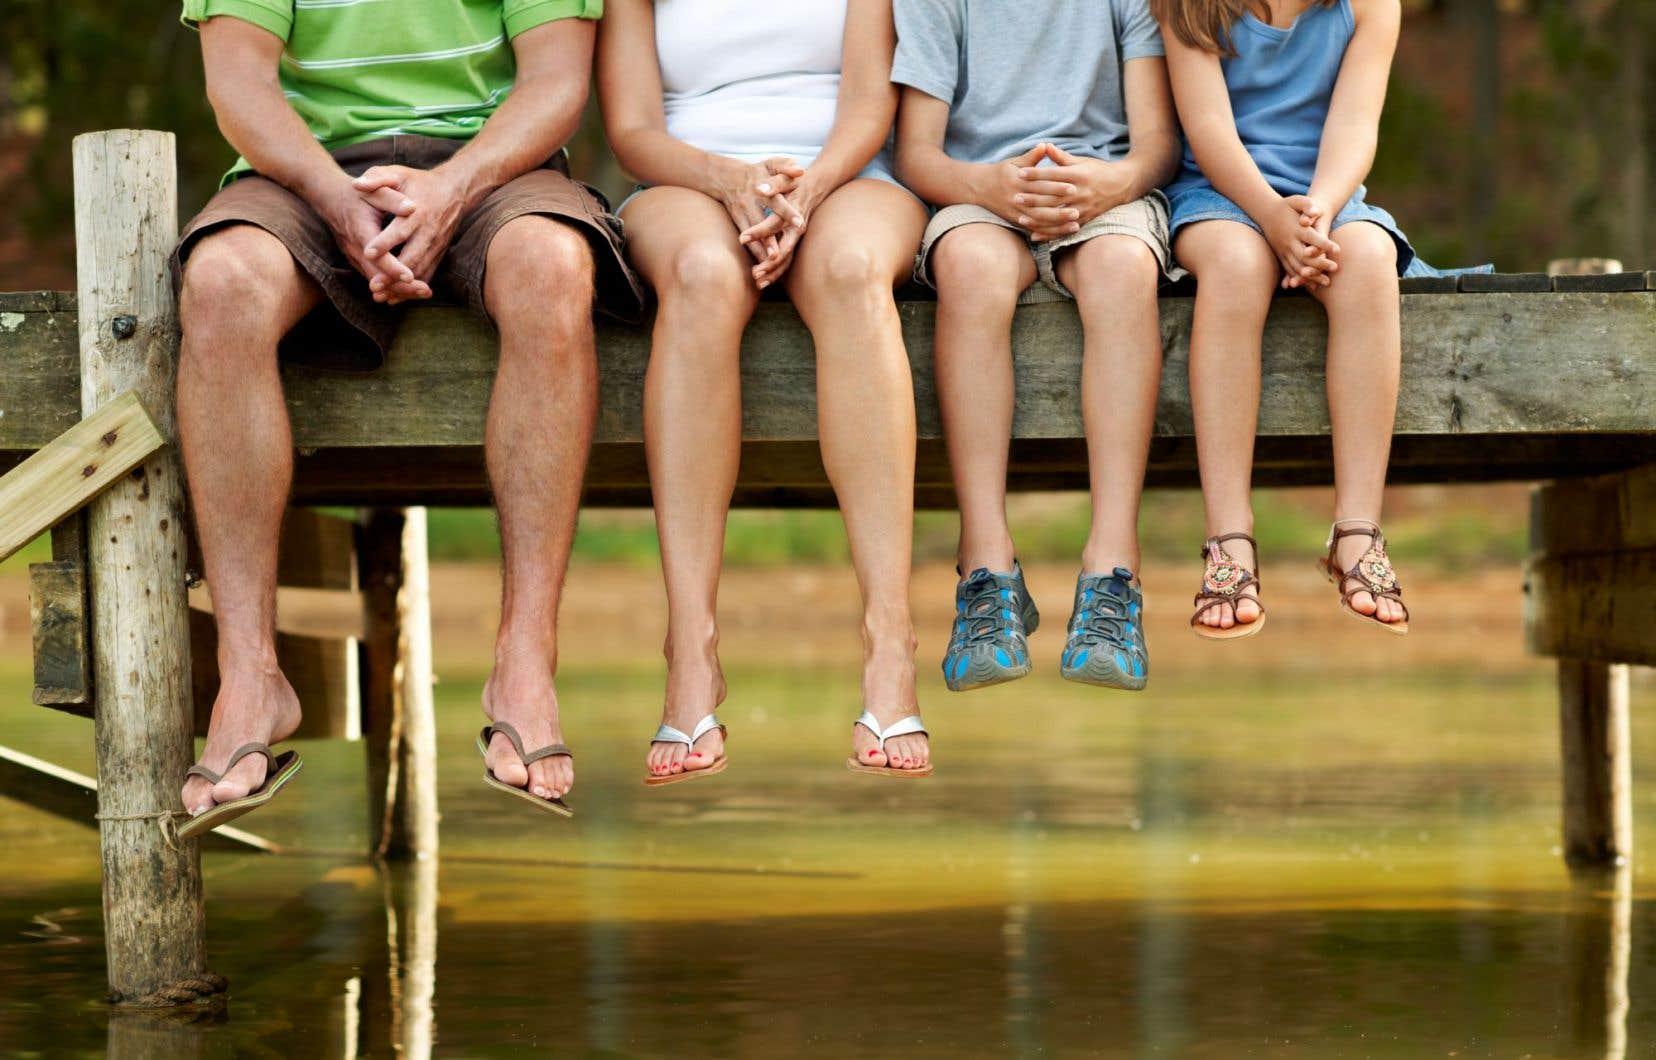 «La culpabilité habite plusieurs jeunes de la génération